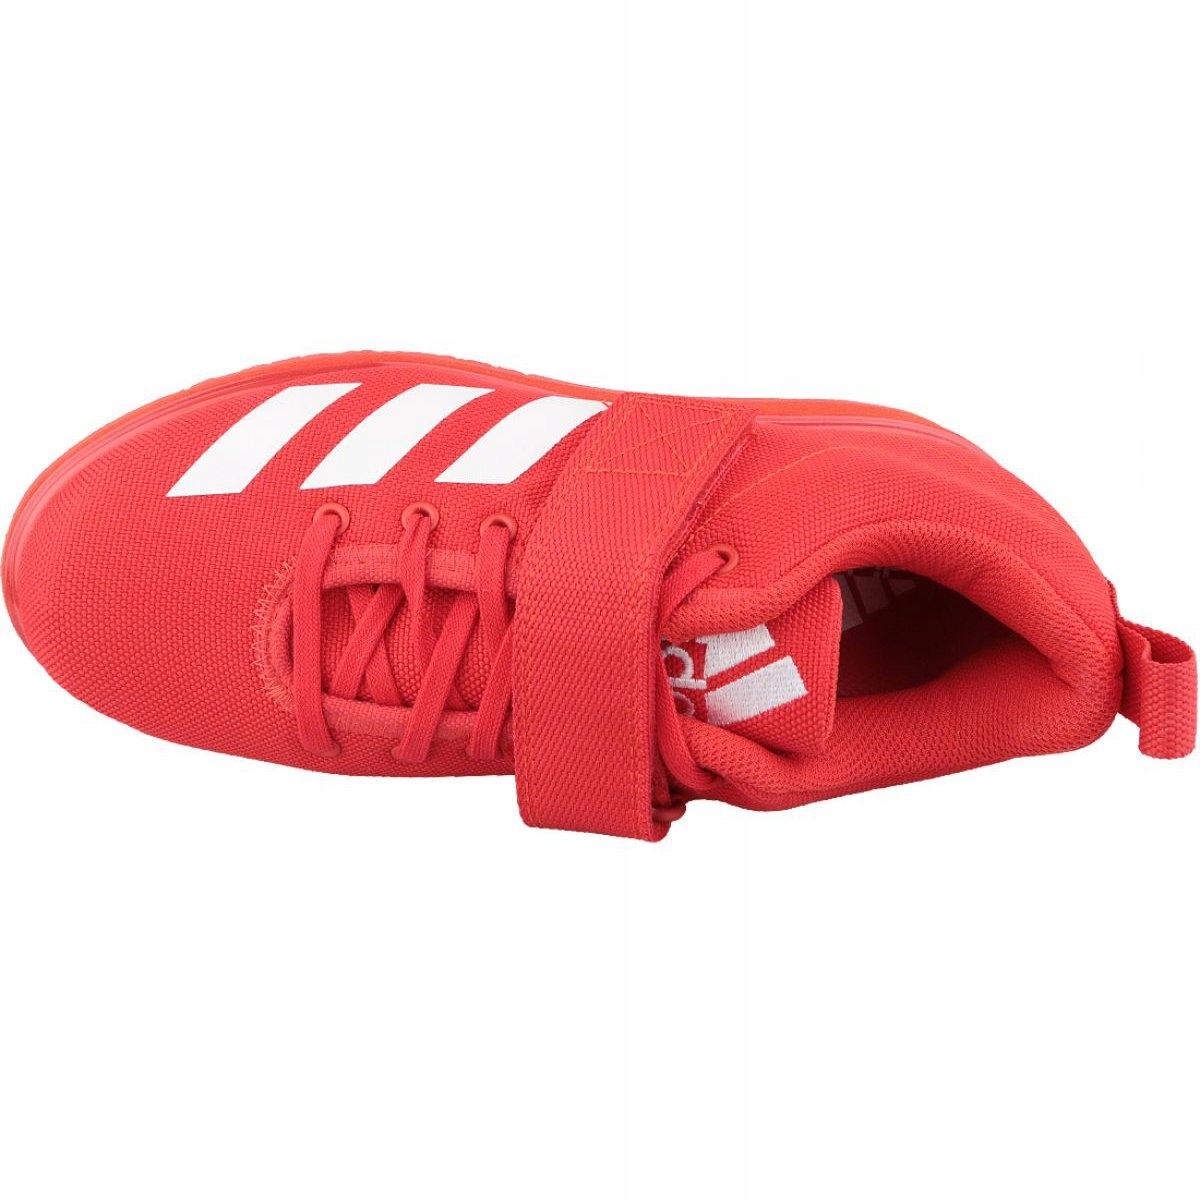 Adidas sportowe obuwie damskie kobiety r.40 2/3 9140644445